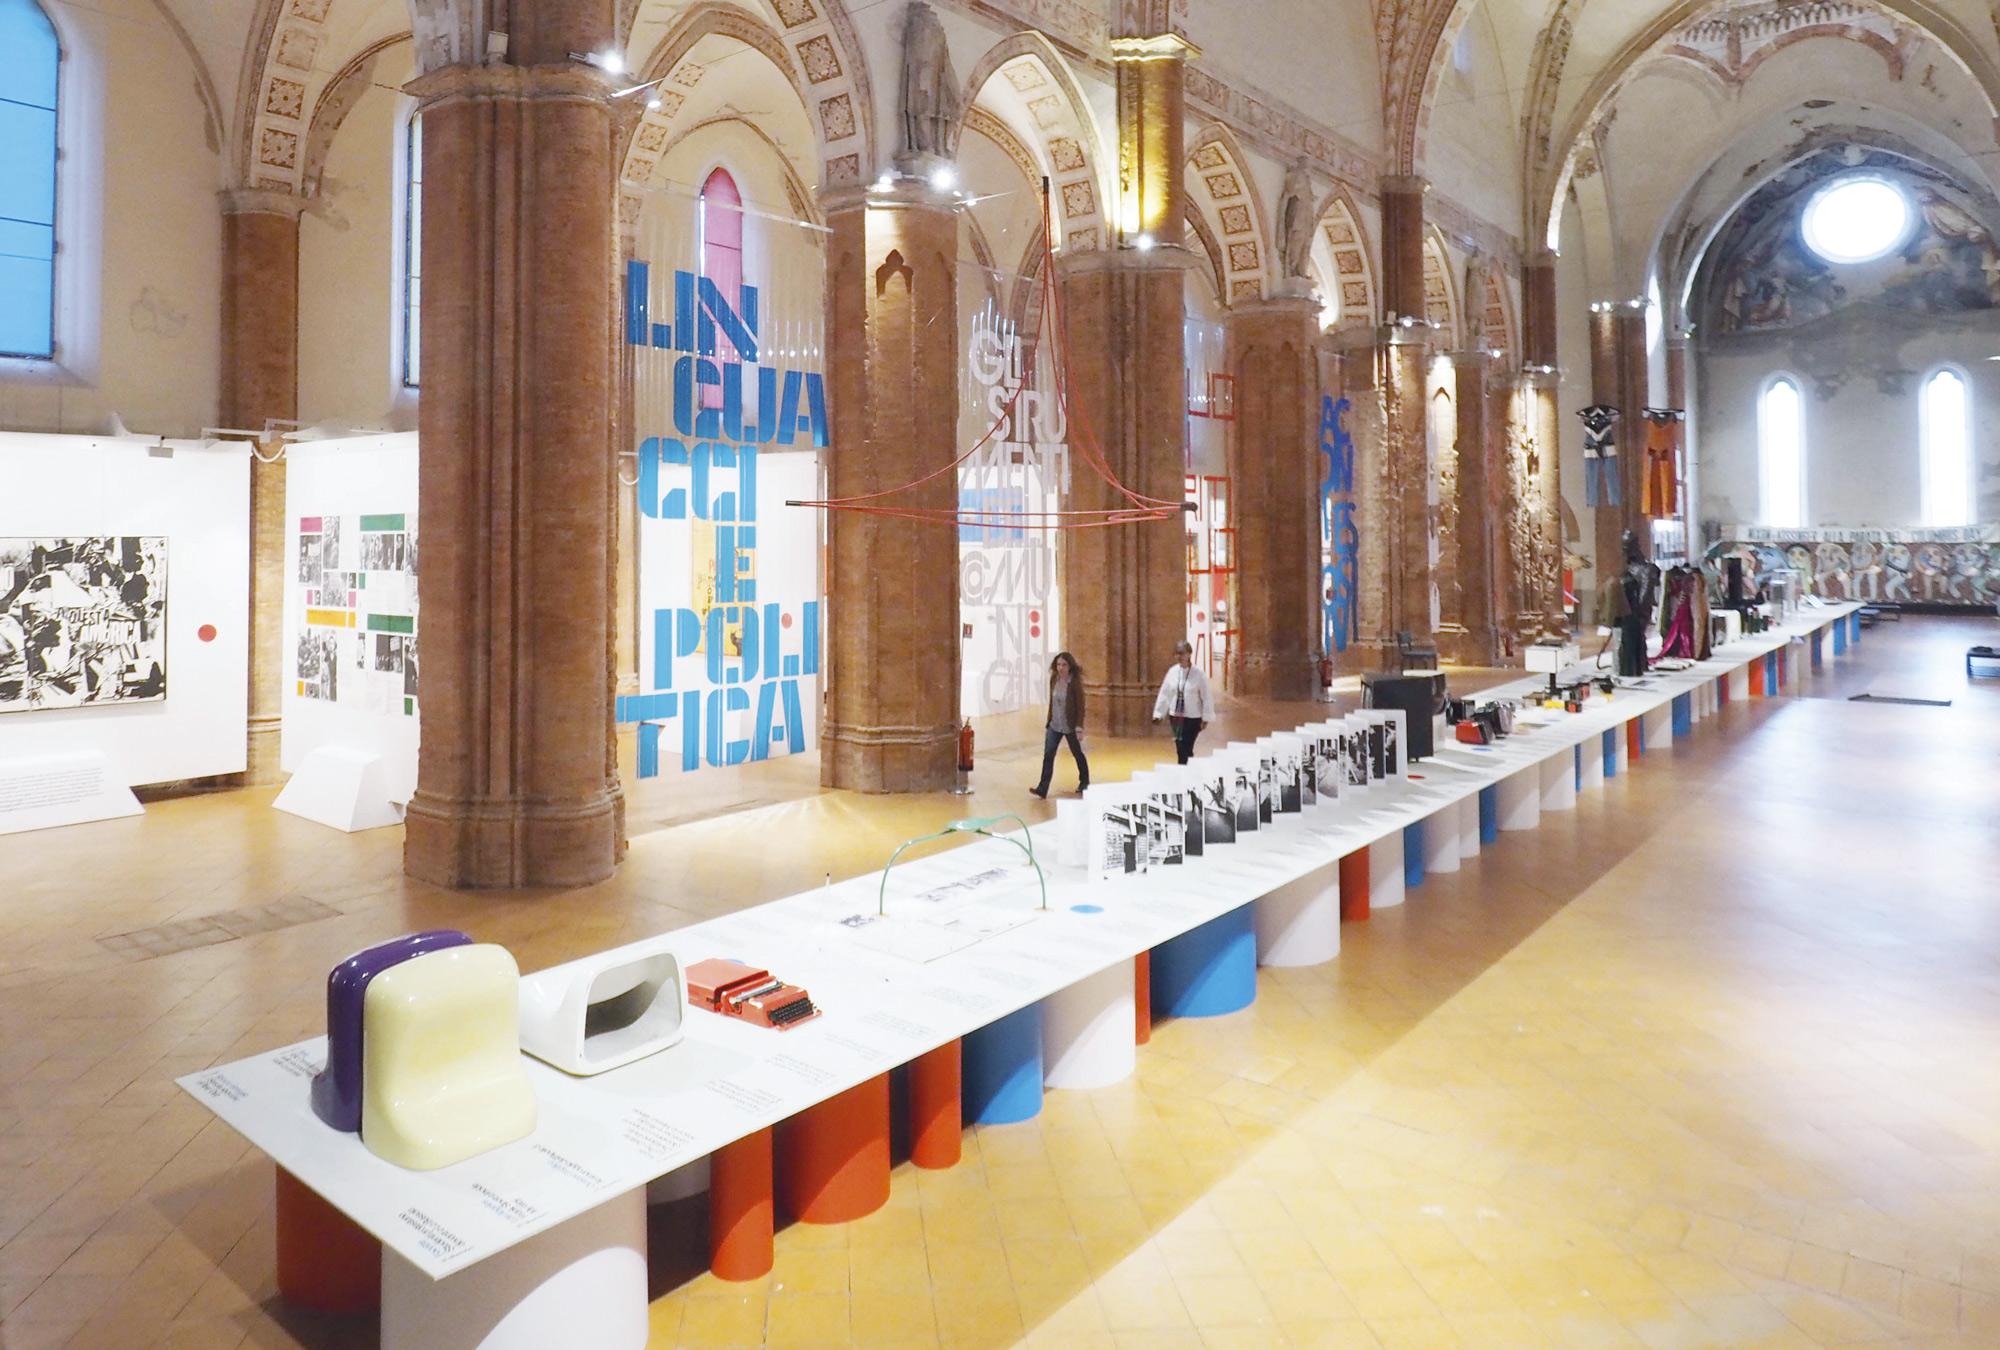 2018_1968-un-anno_Exhibition_02